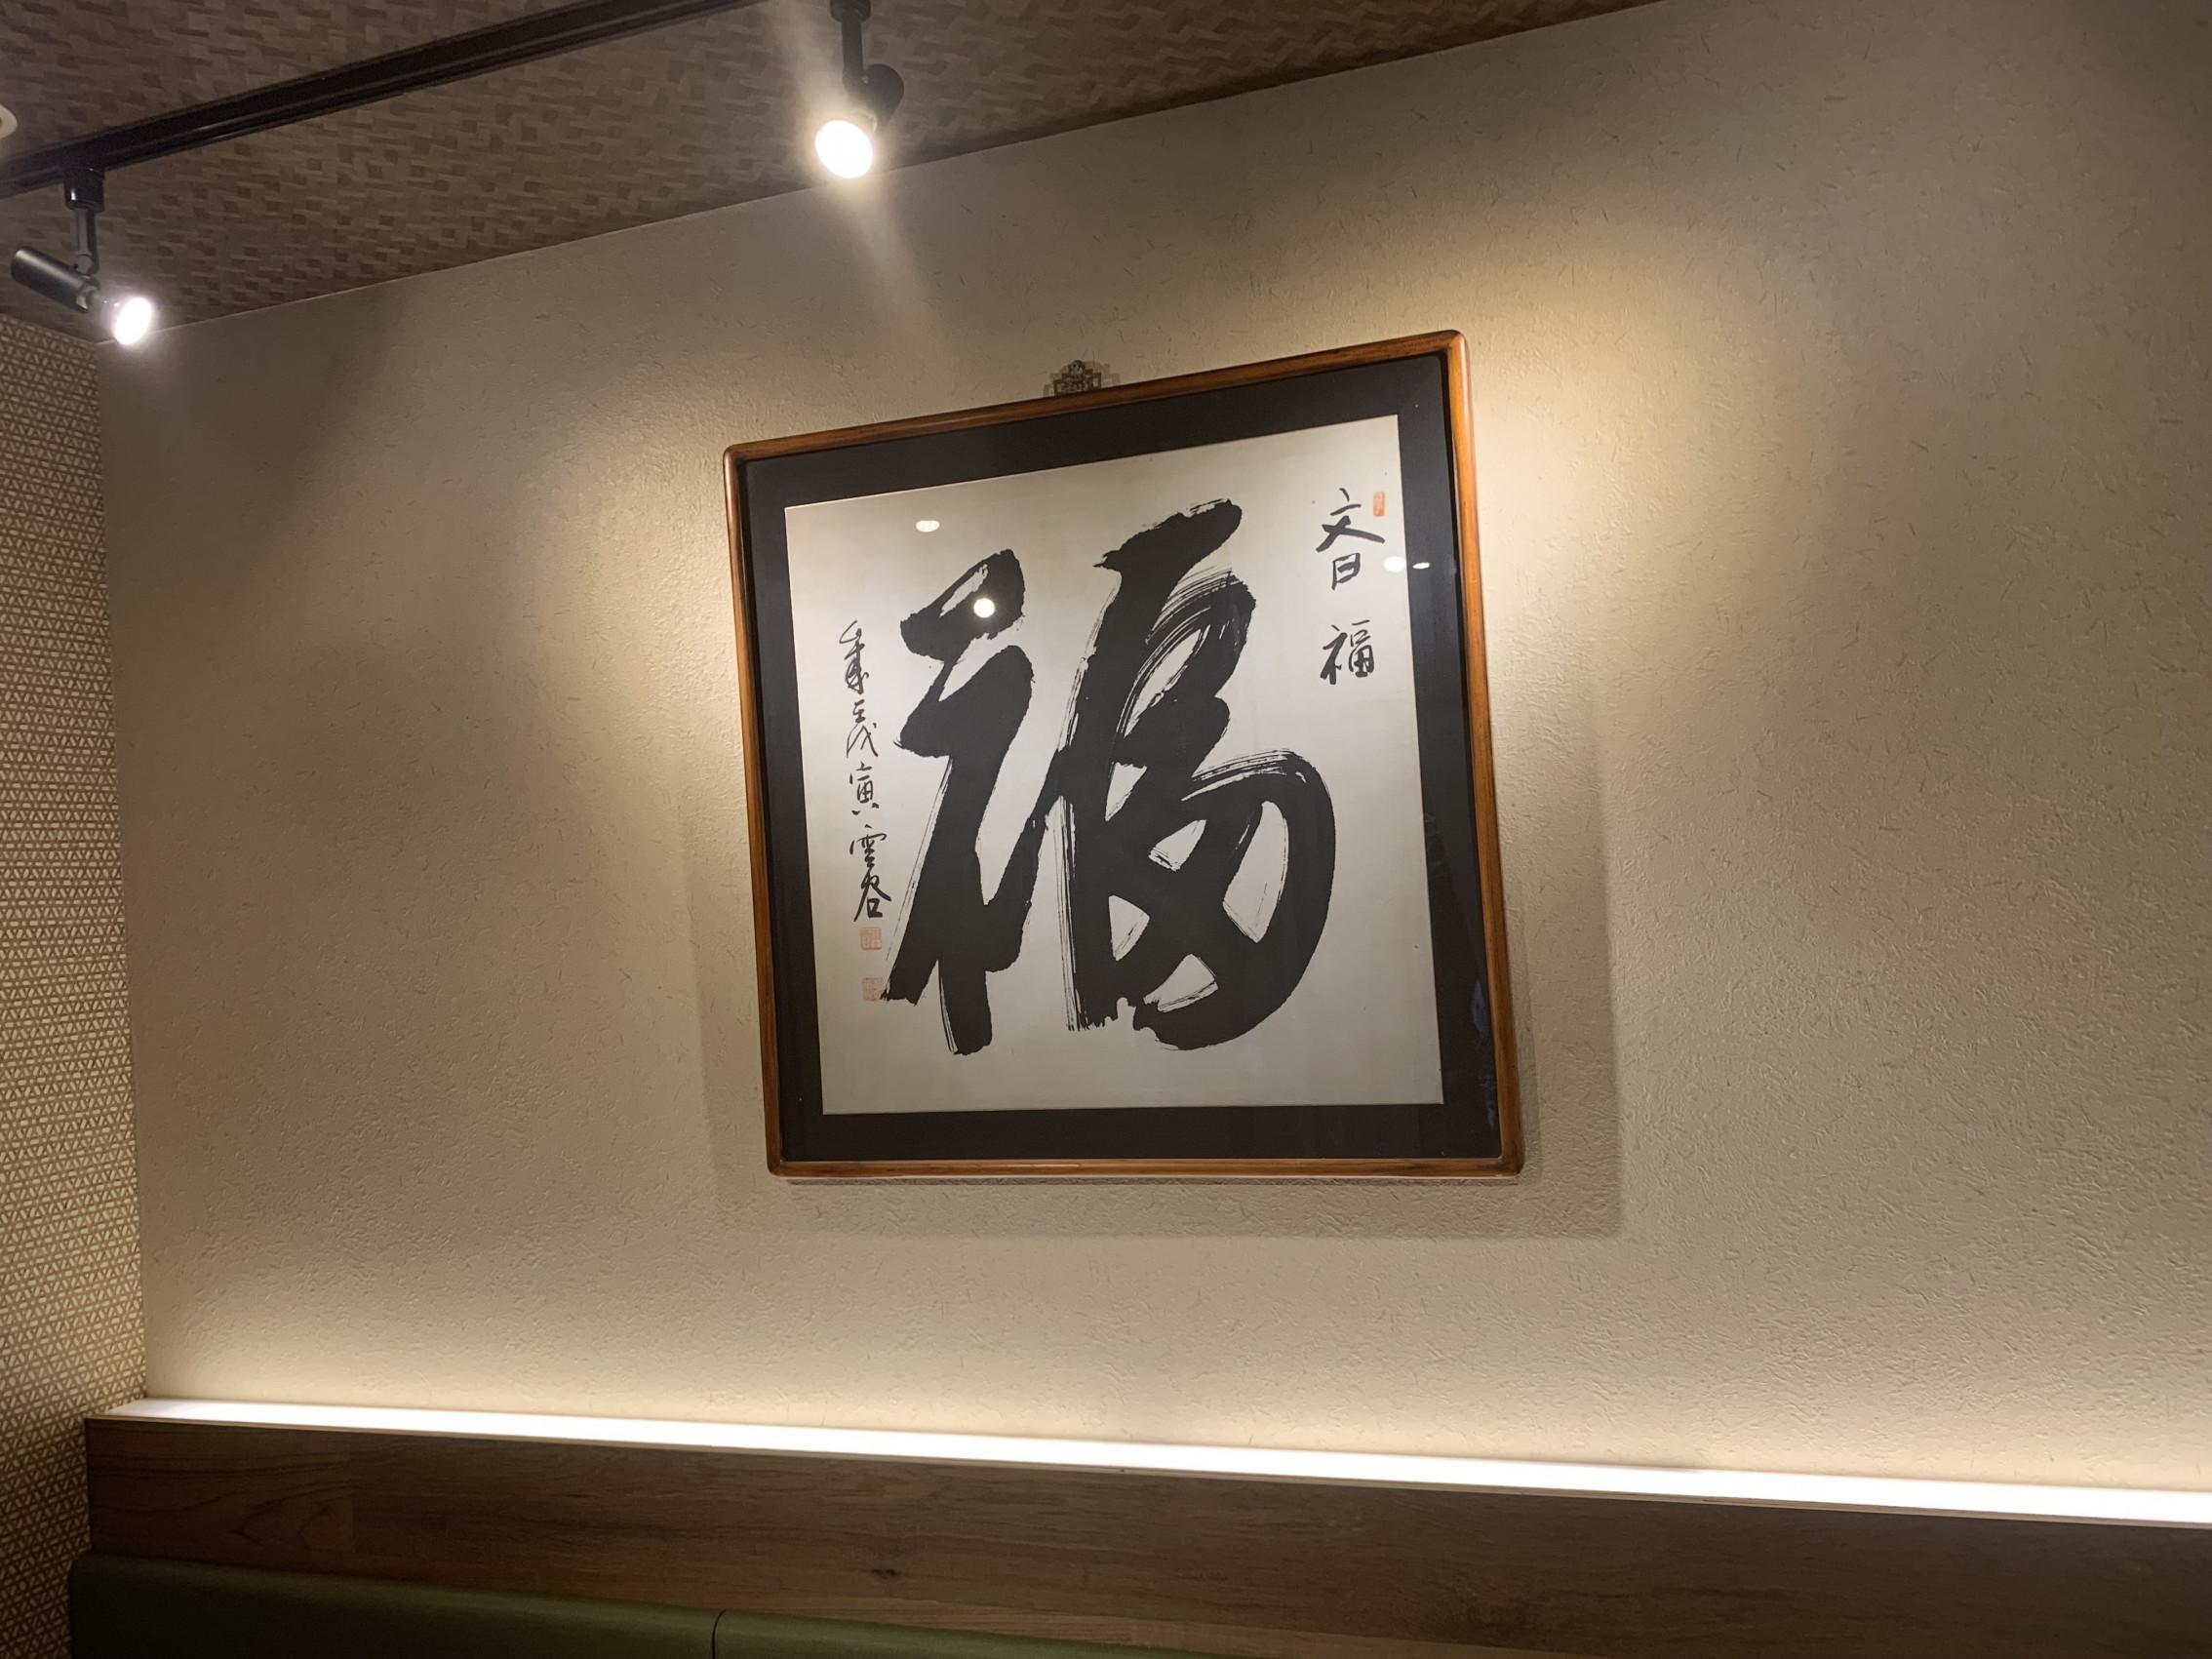 まぐろ家まる 東香里店 改装工事を行いました。